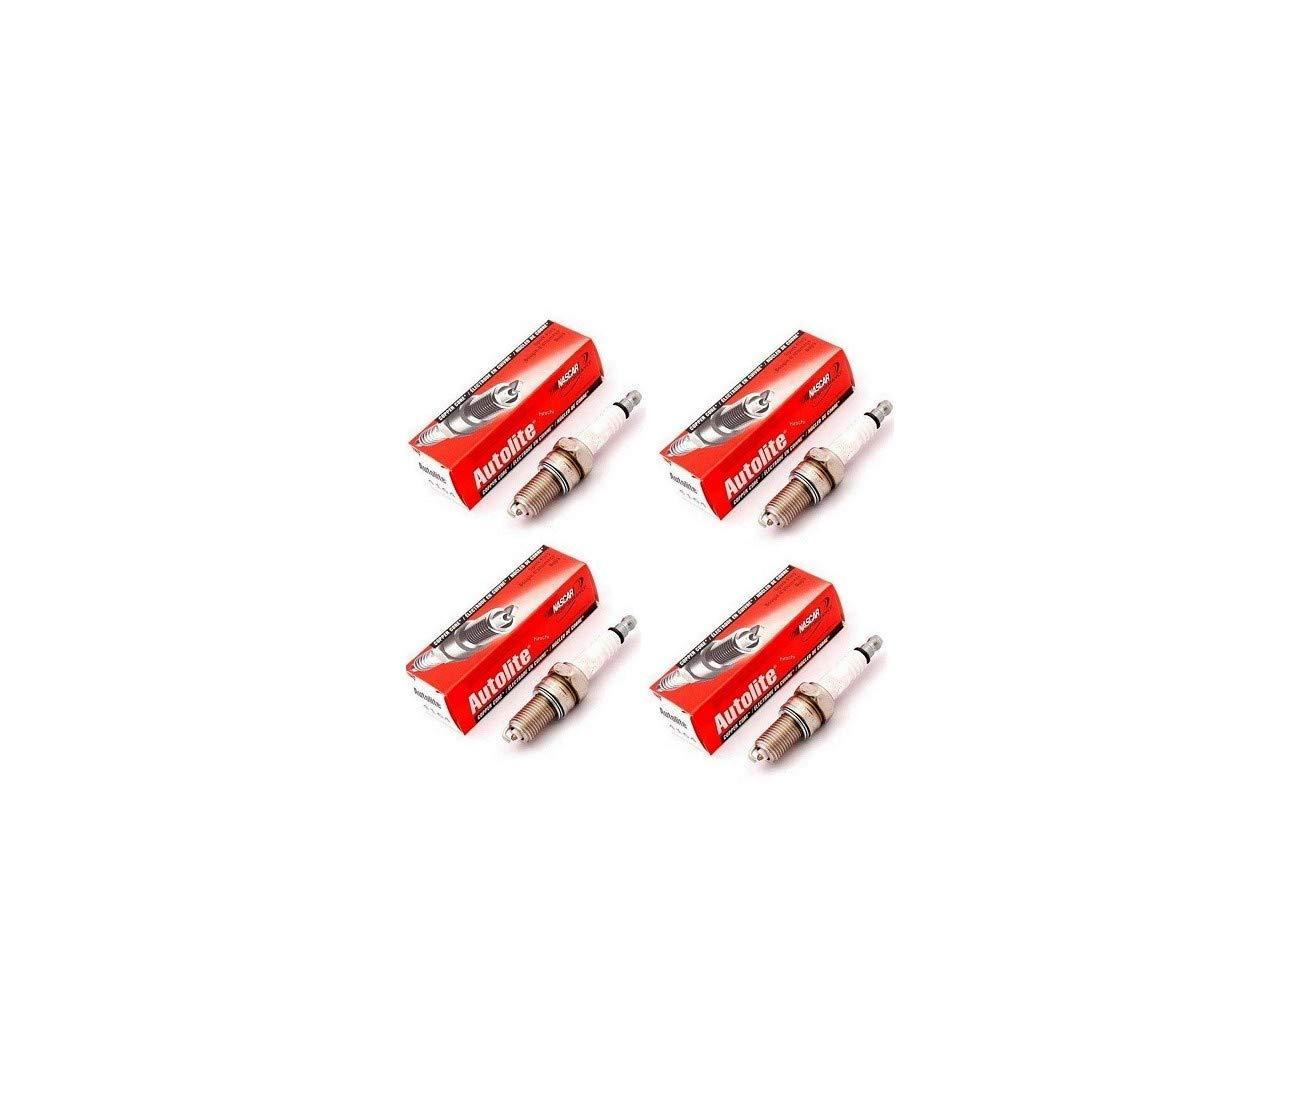 /1200/zrx-1100/gpz-lot 4/candele cr9ek-2103/ Kawasaki z750-z800-z1000-zxr7-zx9r-400/zxr-1100/ /0269